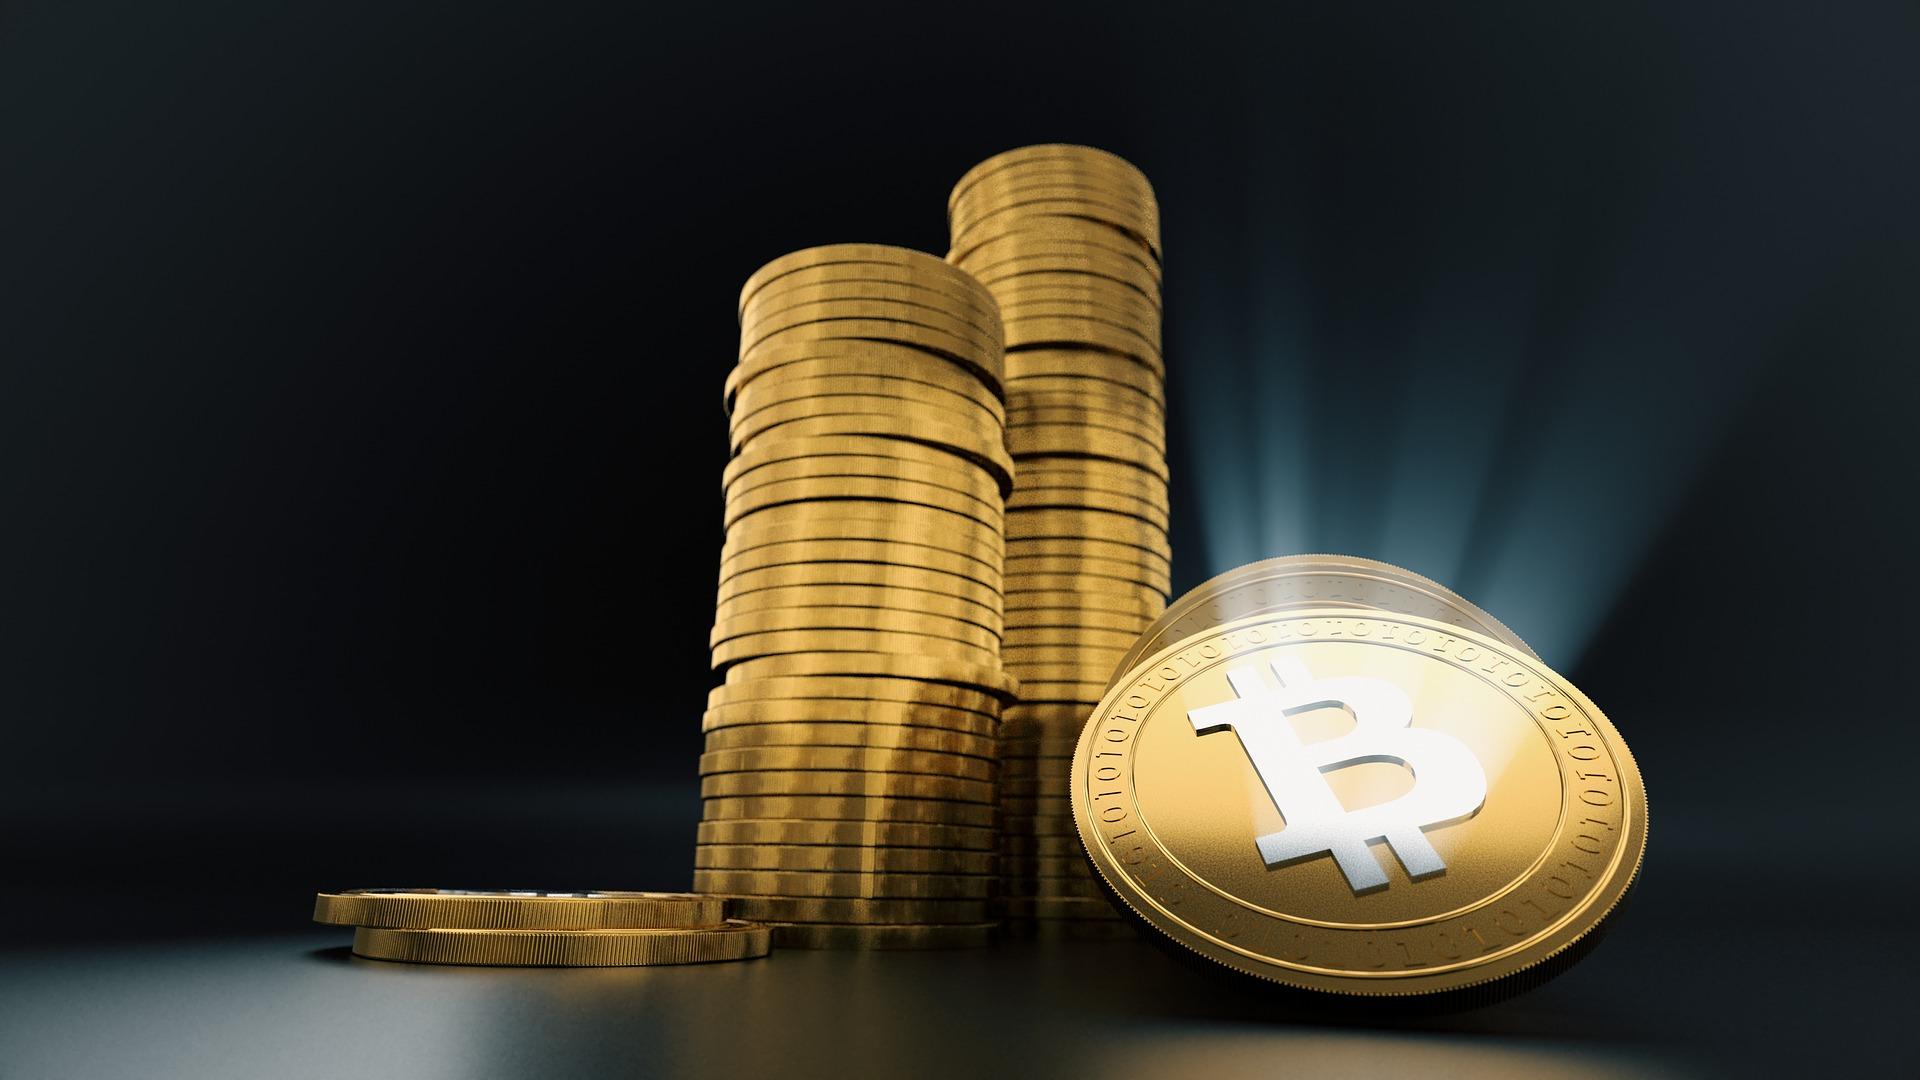 Ontology brengt blockchain en het bedrijfsleven samen